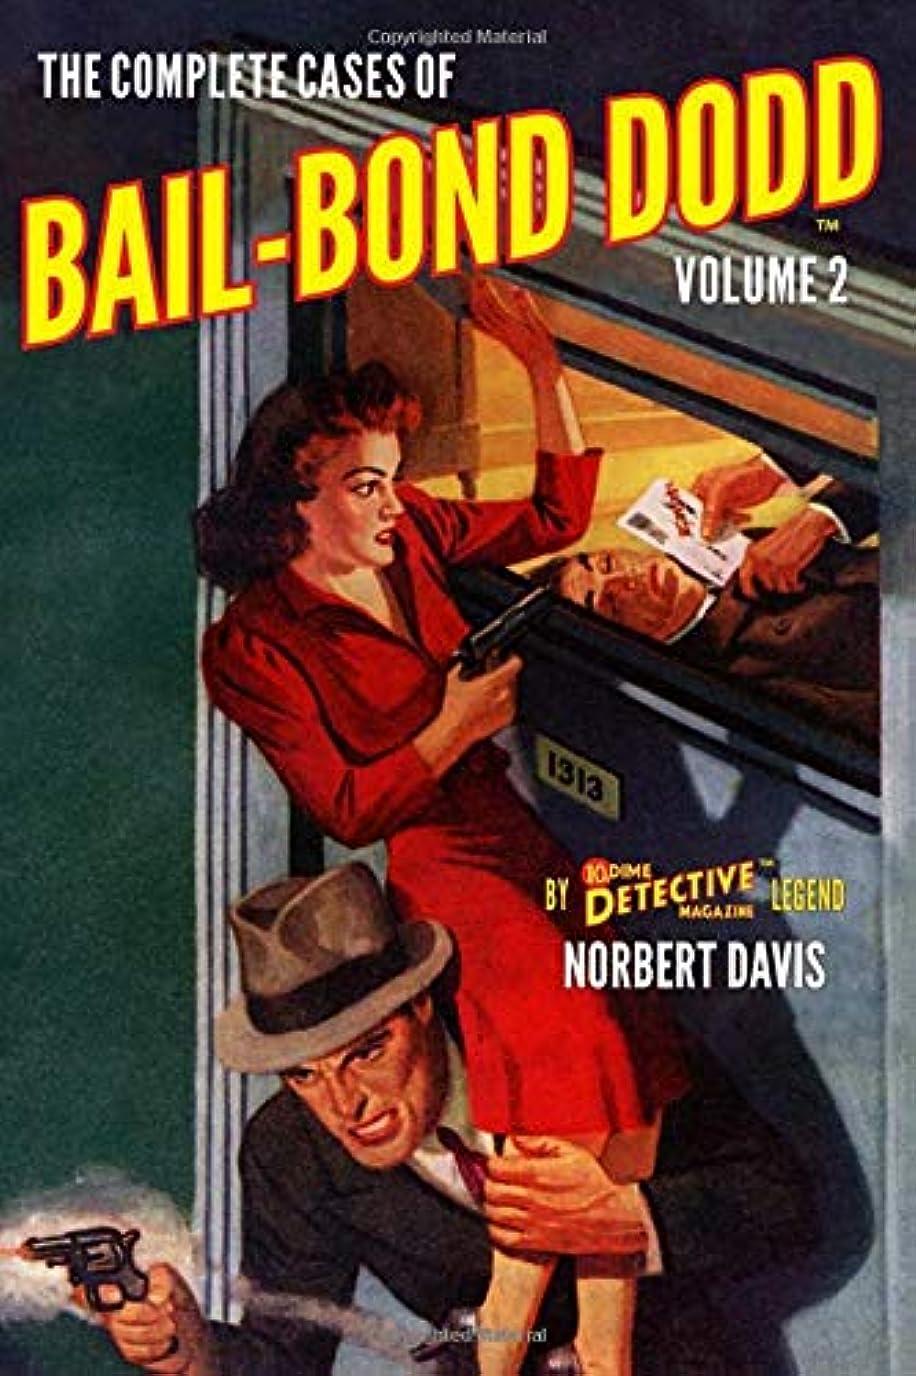 ピック改革運動The Complete Cases of Bail-Bond Dodd, Volume 2 (The Dime Detective Library)